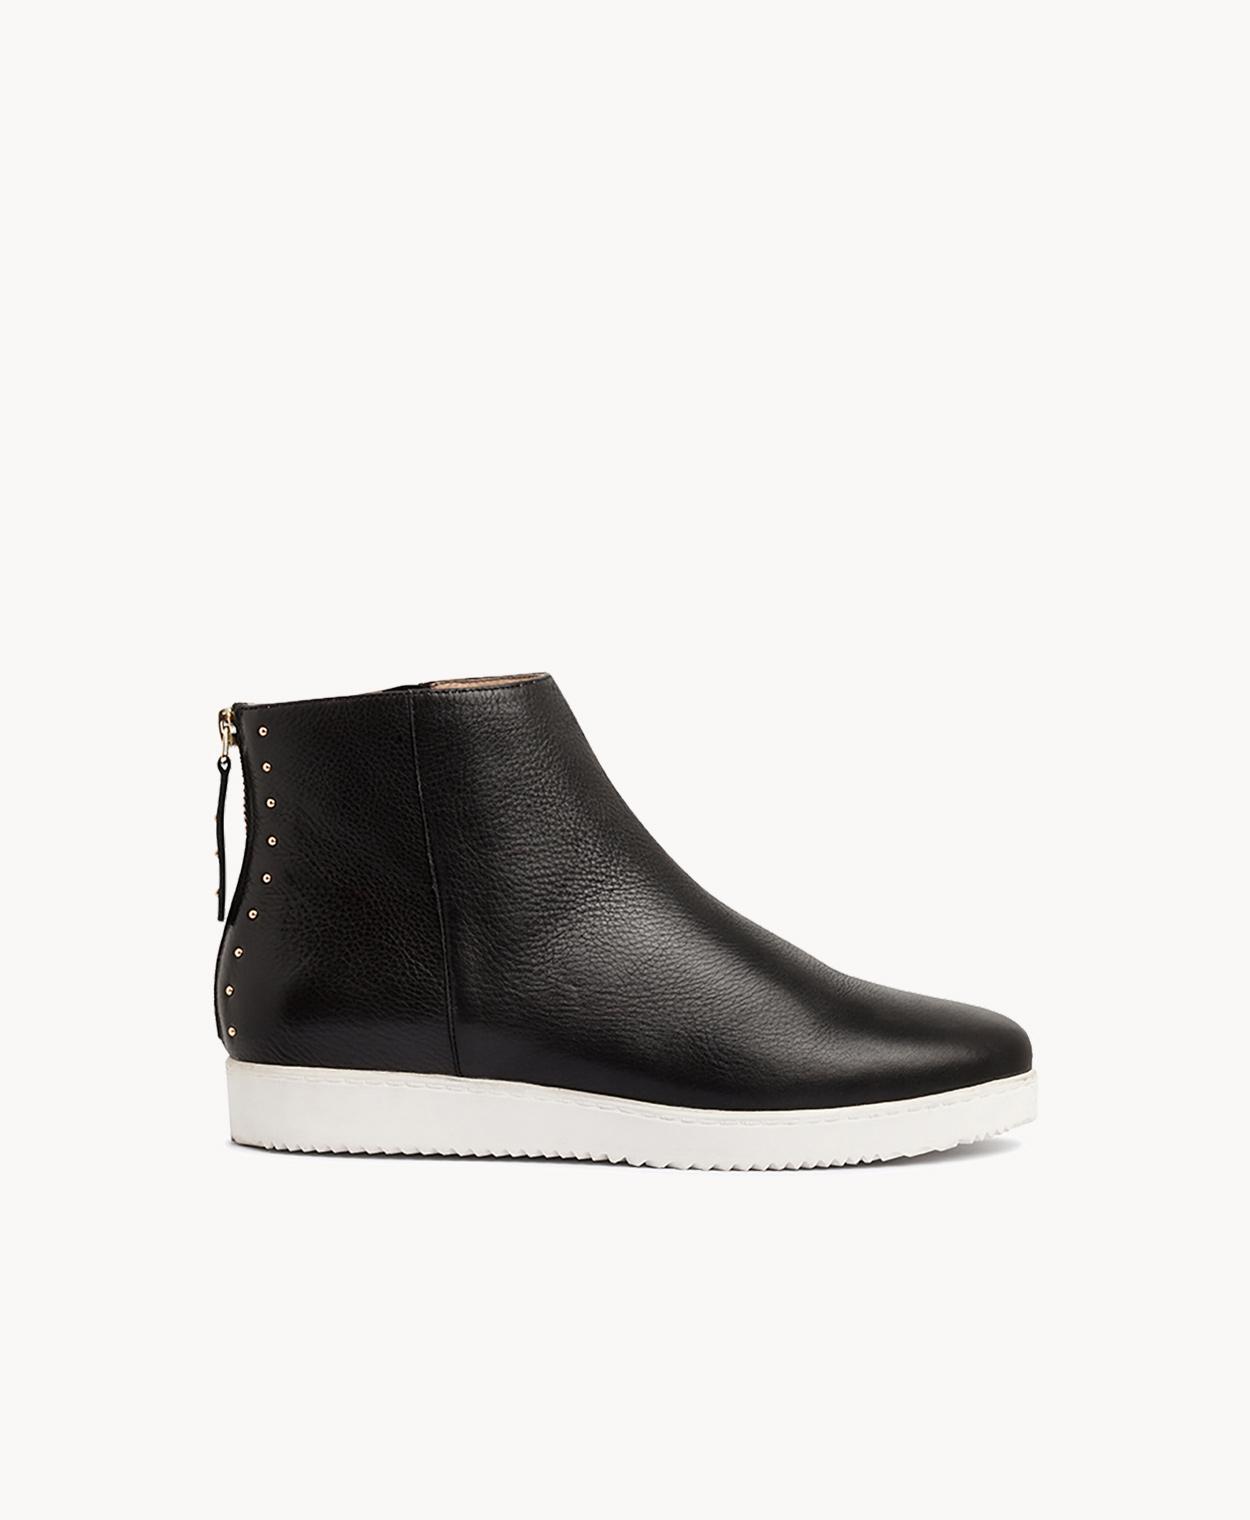 Black Ankle Boots | Shop Womens Ankle Boots | Merchant